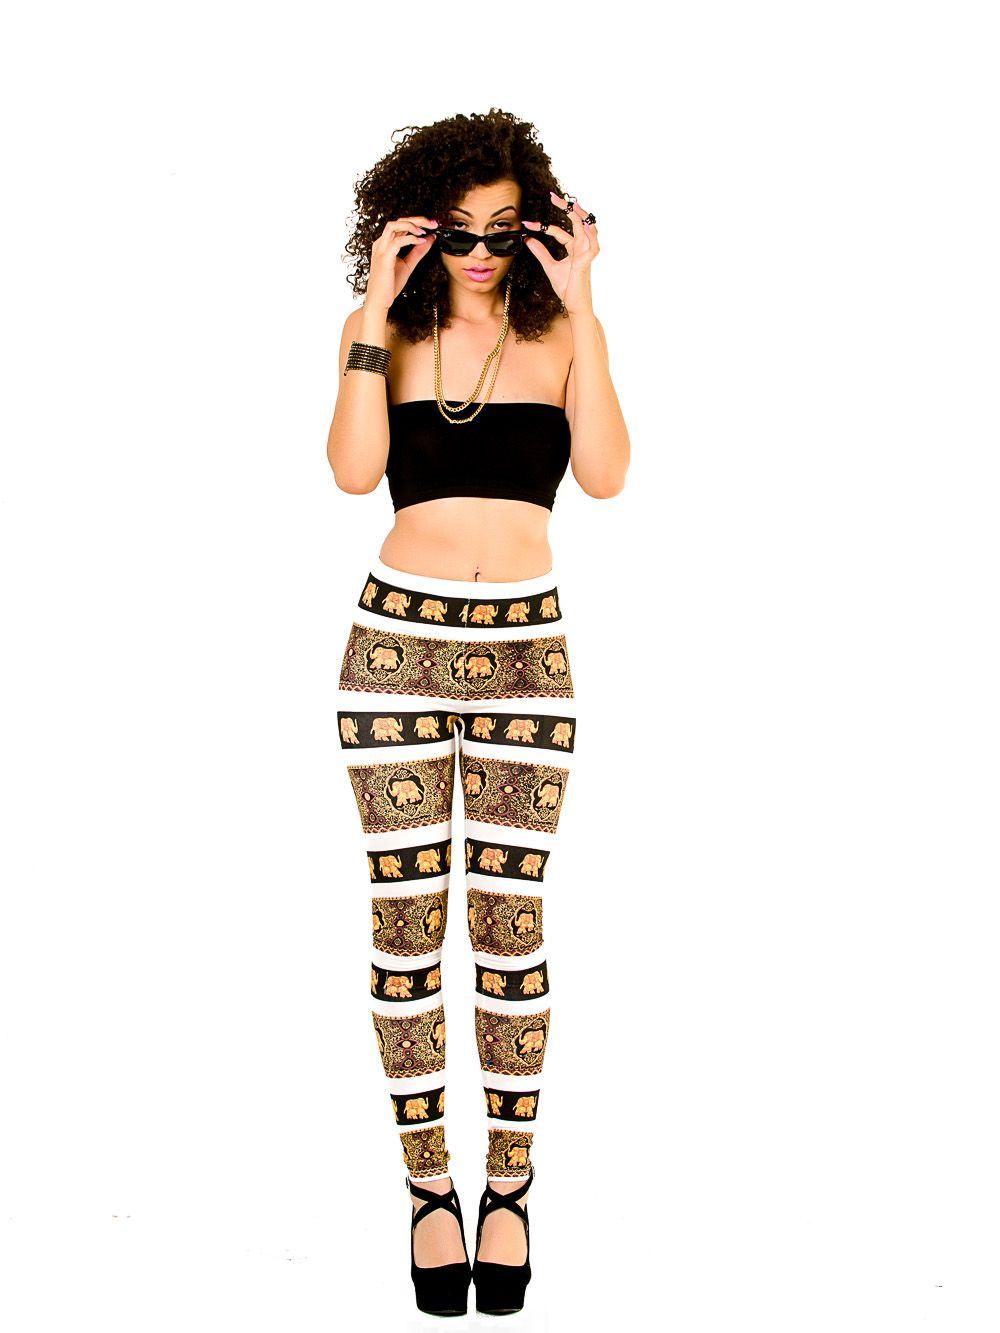 ShopDSR | Minkpink Pride Land leggings $63  20% discount code: dsr